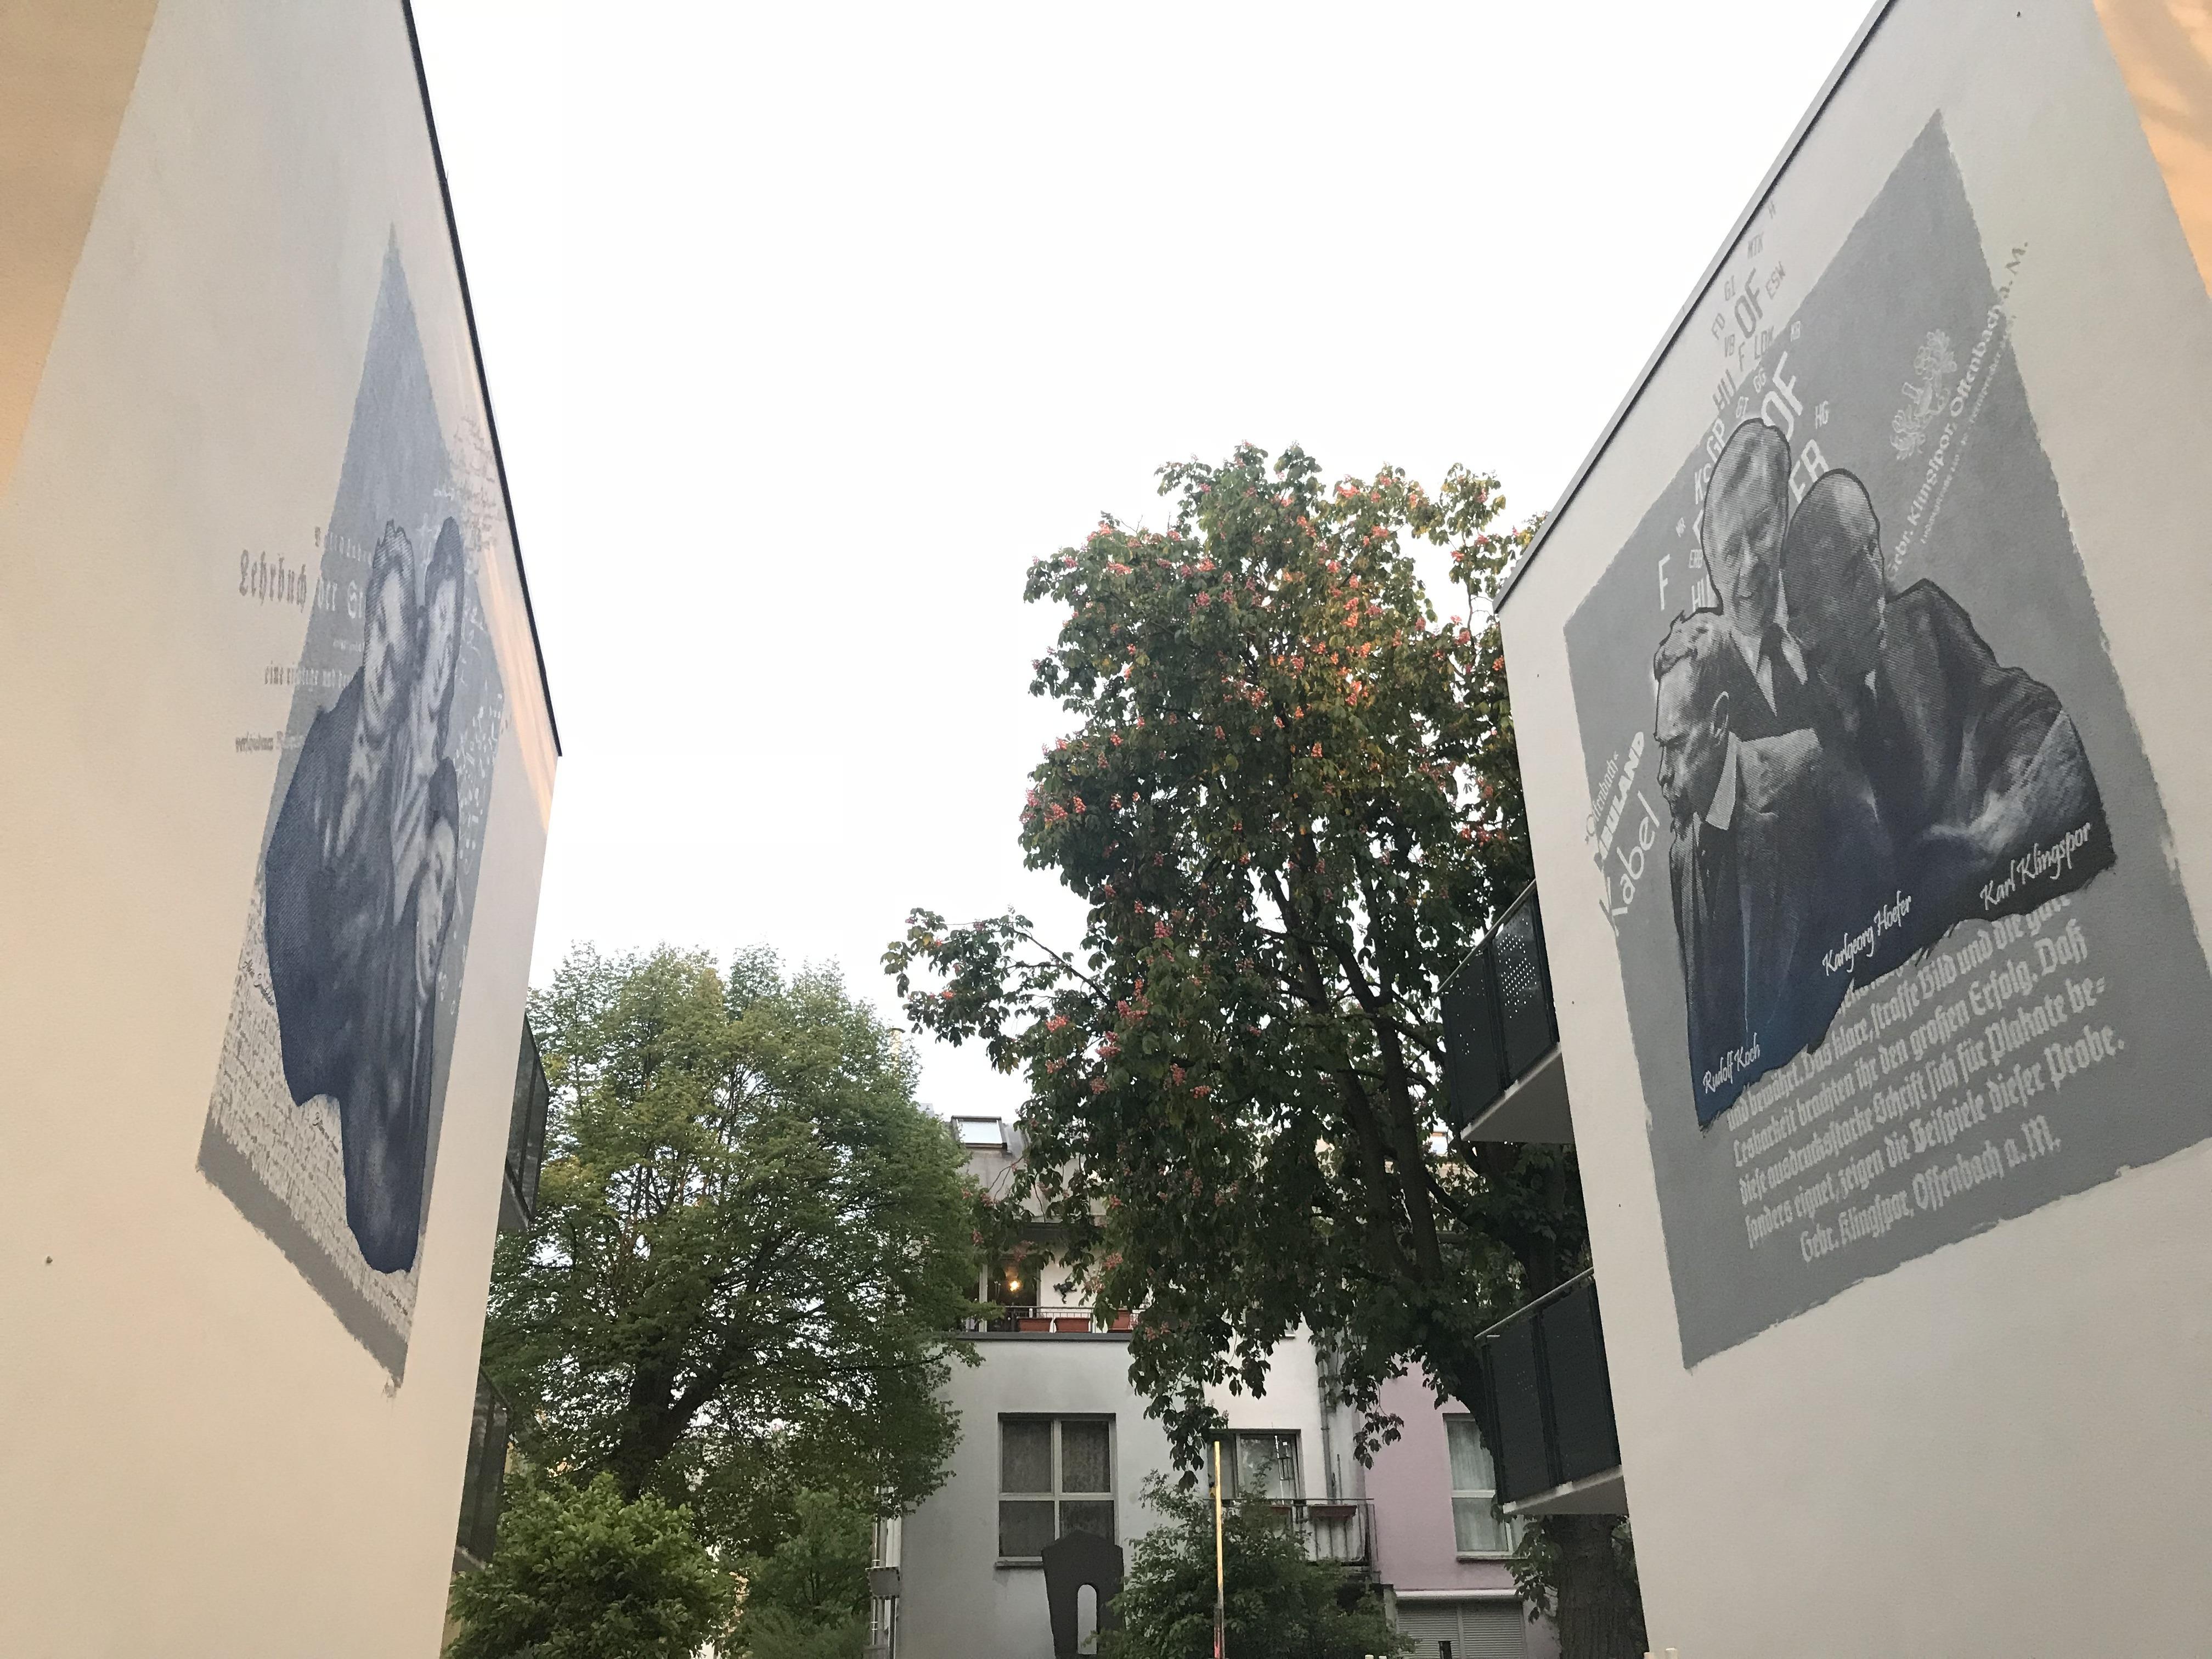 graffitiauftrag-graffitikuenstler-artmos4-baugenossenschaft_odenwaldring_2017_offenbach_menschen_typografie_raster_detail_blau_weiss_aussen